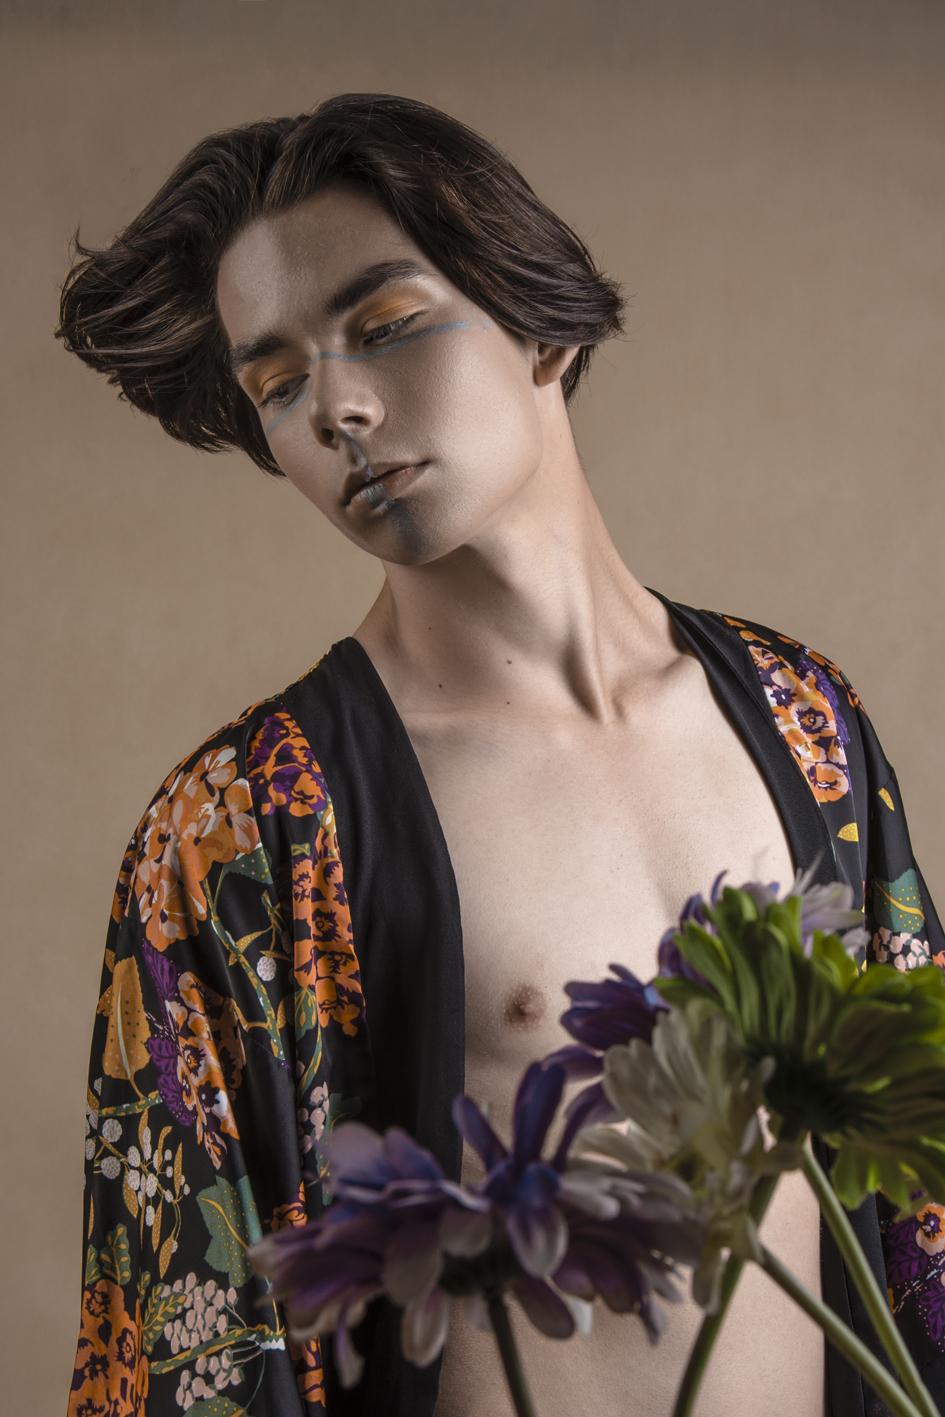 pozował: Bartłomiej Górnisiewicz, make up: Karina Radzevich, autorką zdjęcia jest Anna Wojdyło